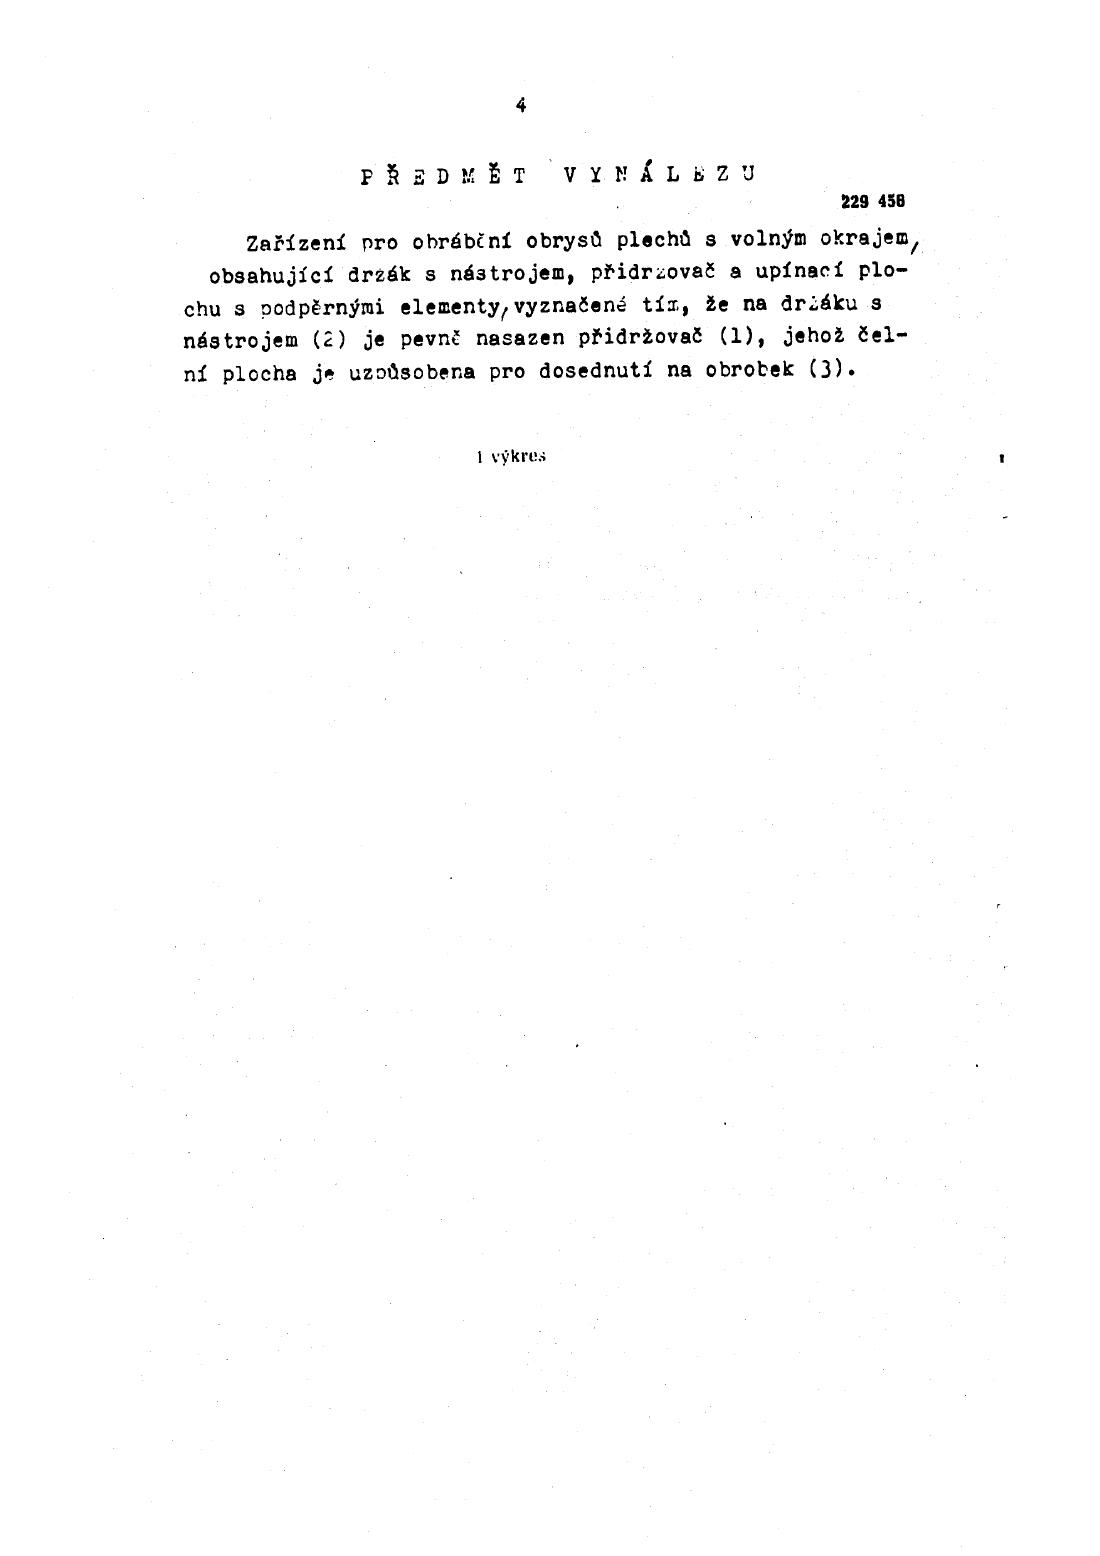 Zarizeni Pro Obrabeni Obrysu Plechu S Volnym Okrajem 01 03 1986